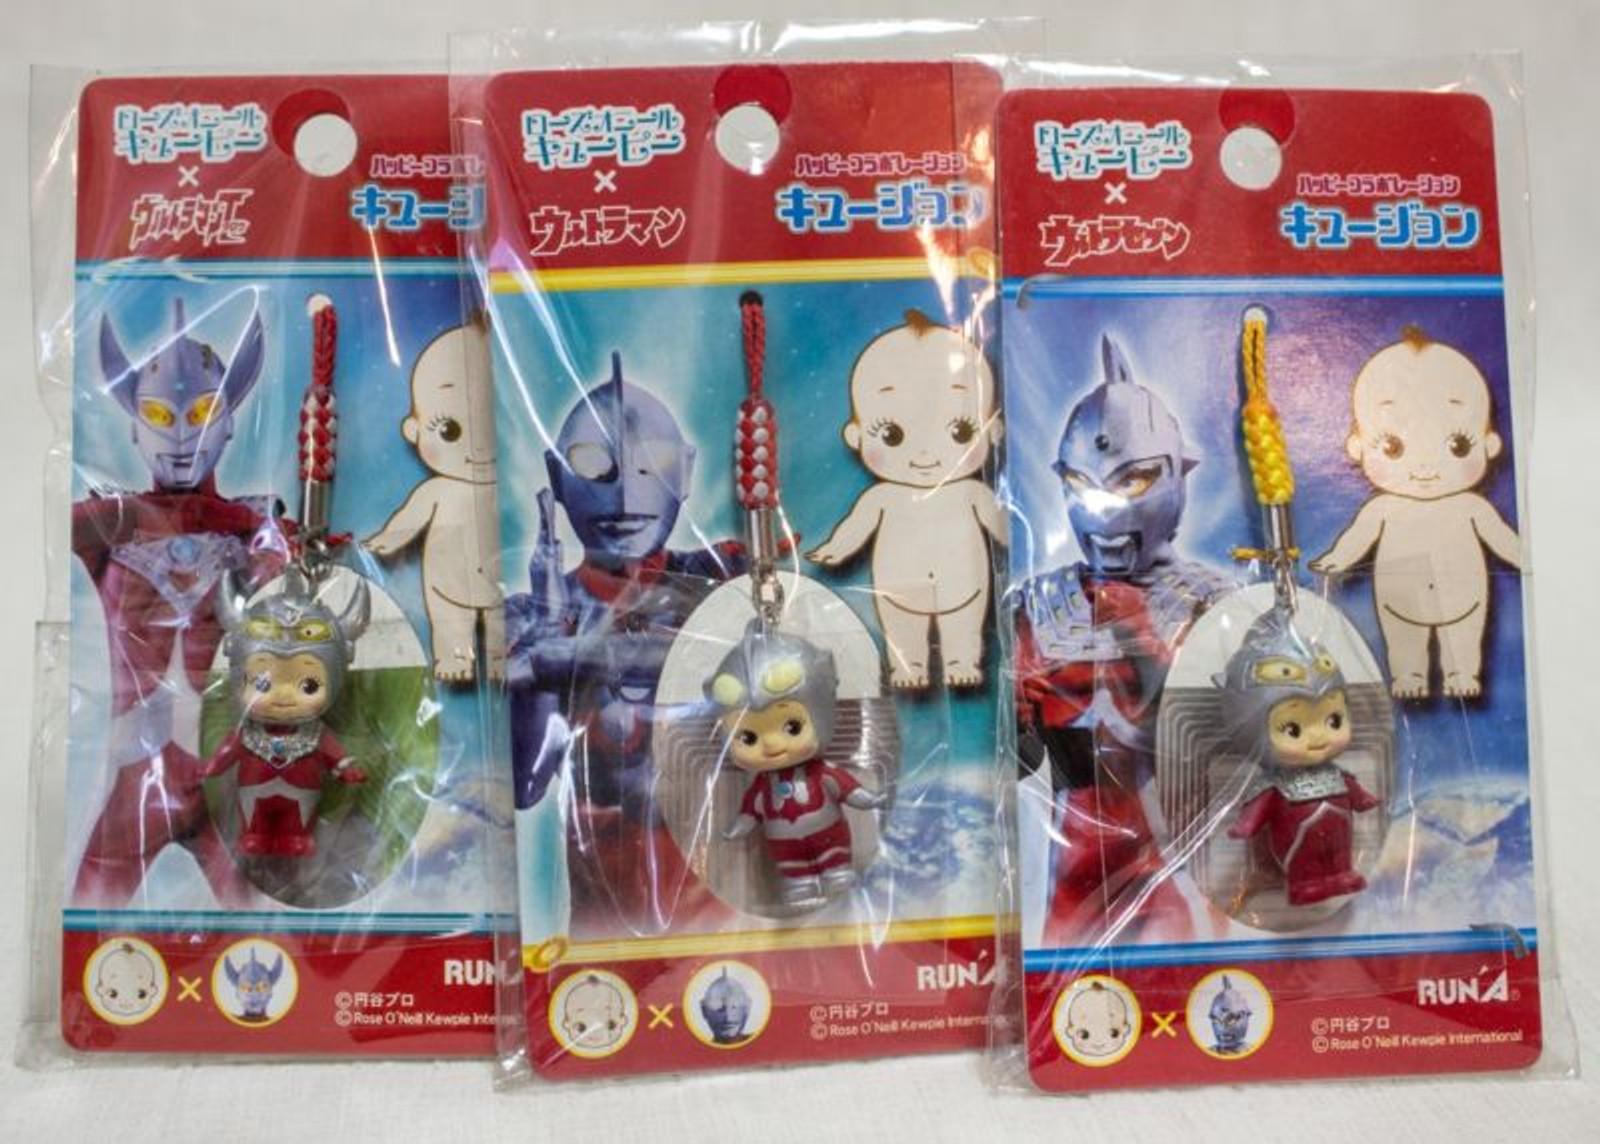 Set of 3 Ultraman Rose O'neill Kewpie Kewsion Strap JAPAN ANIME